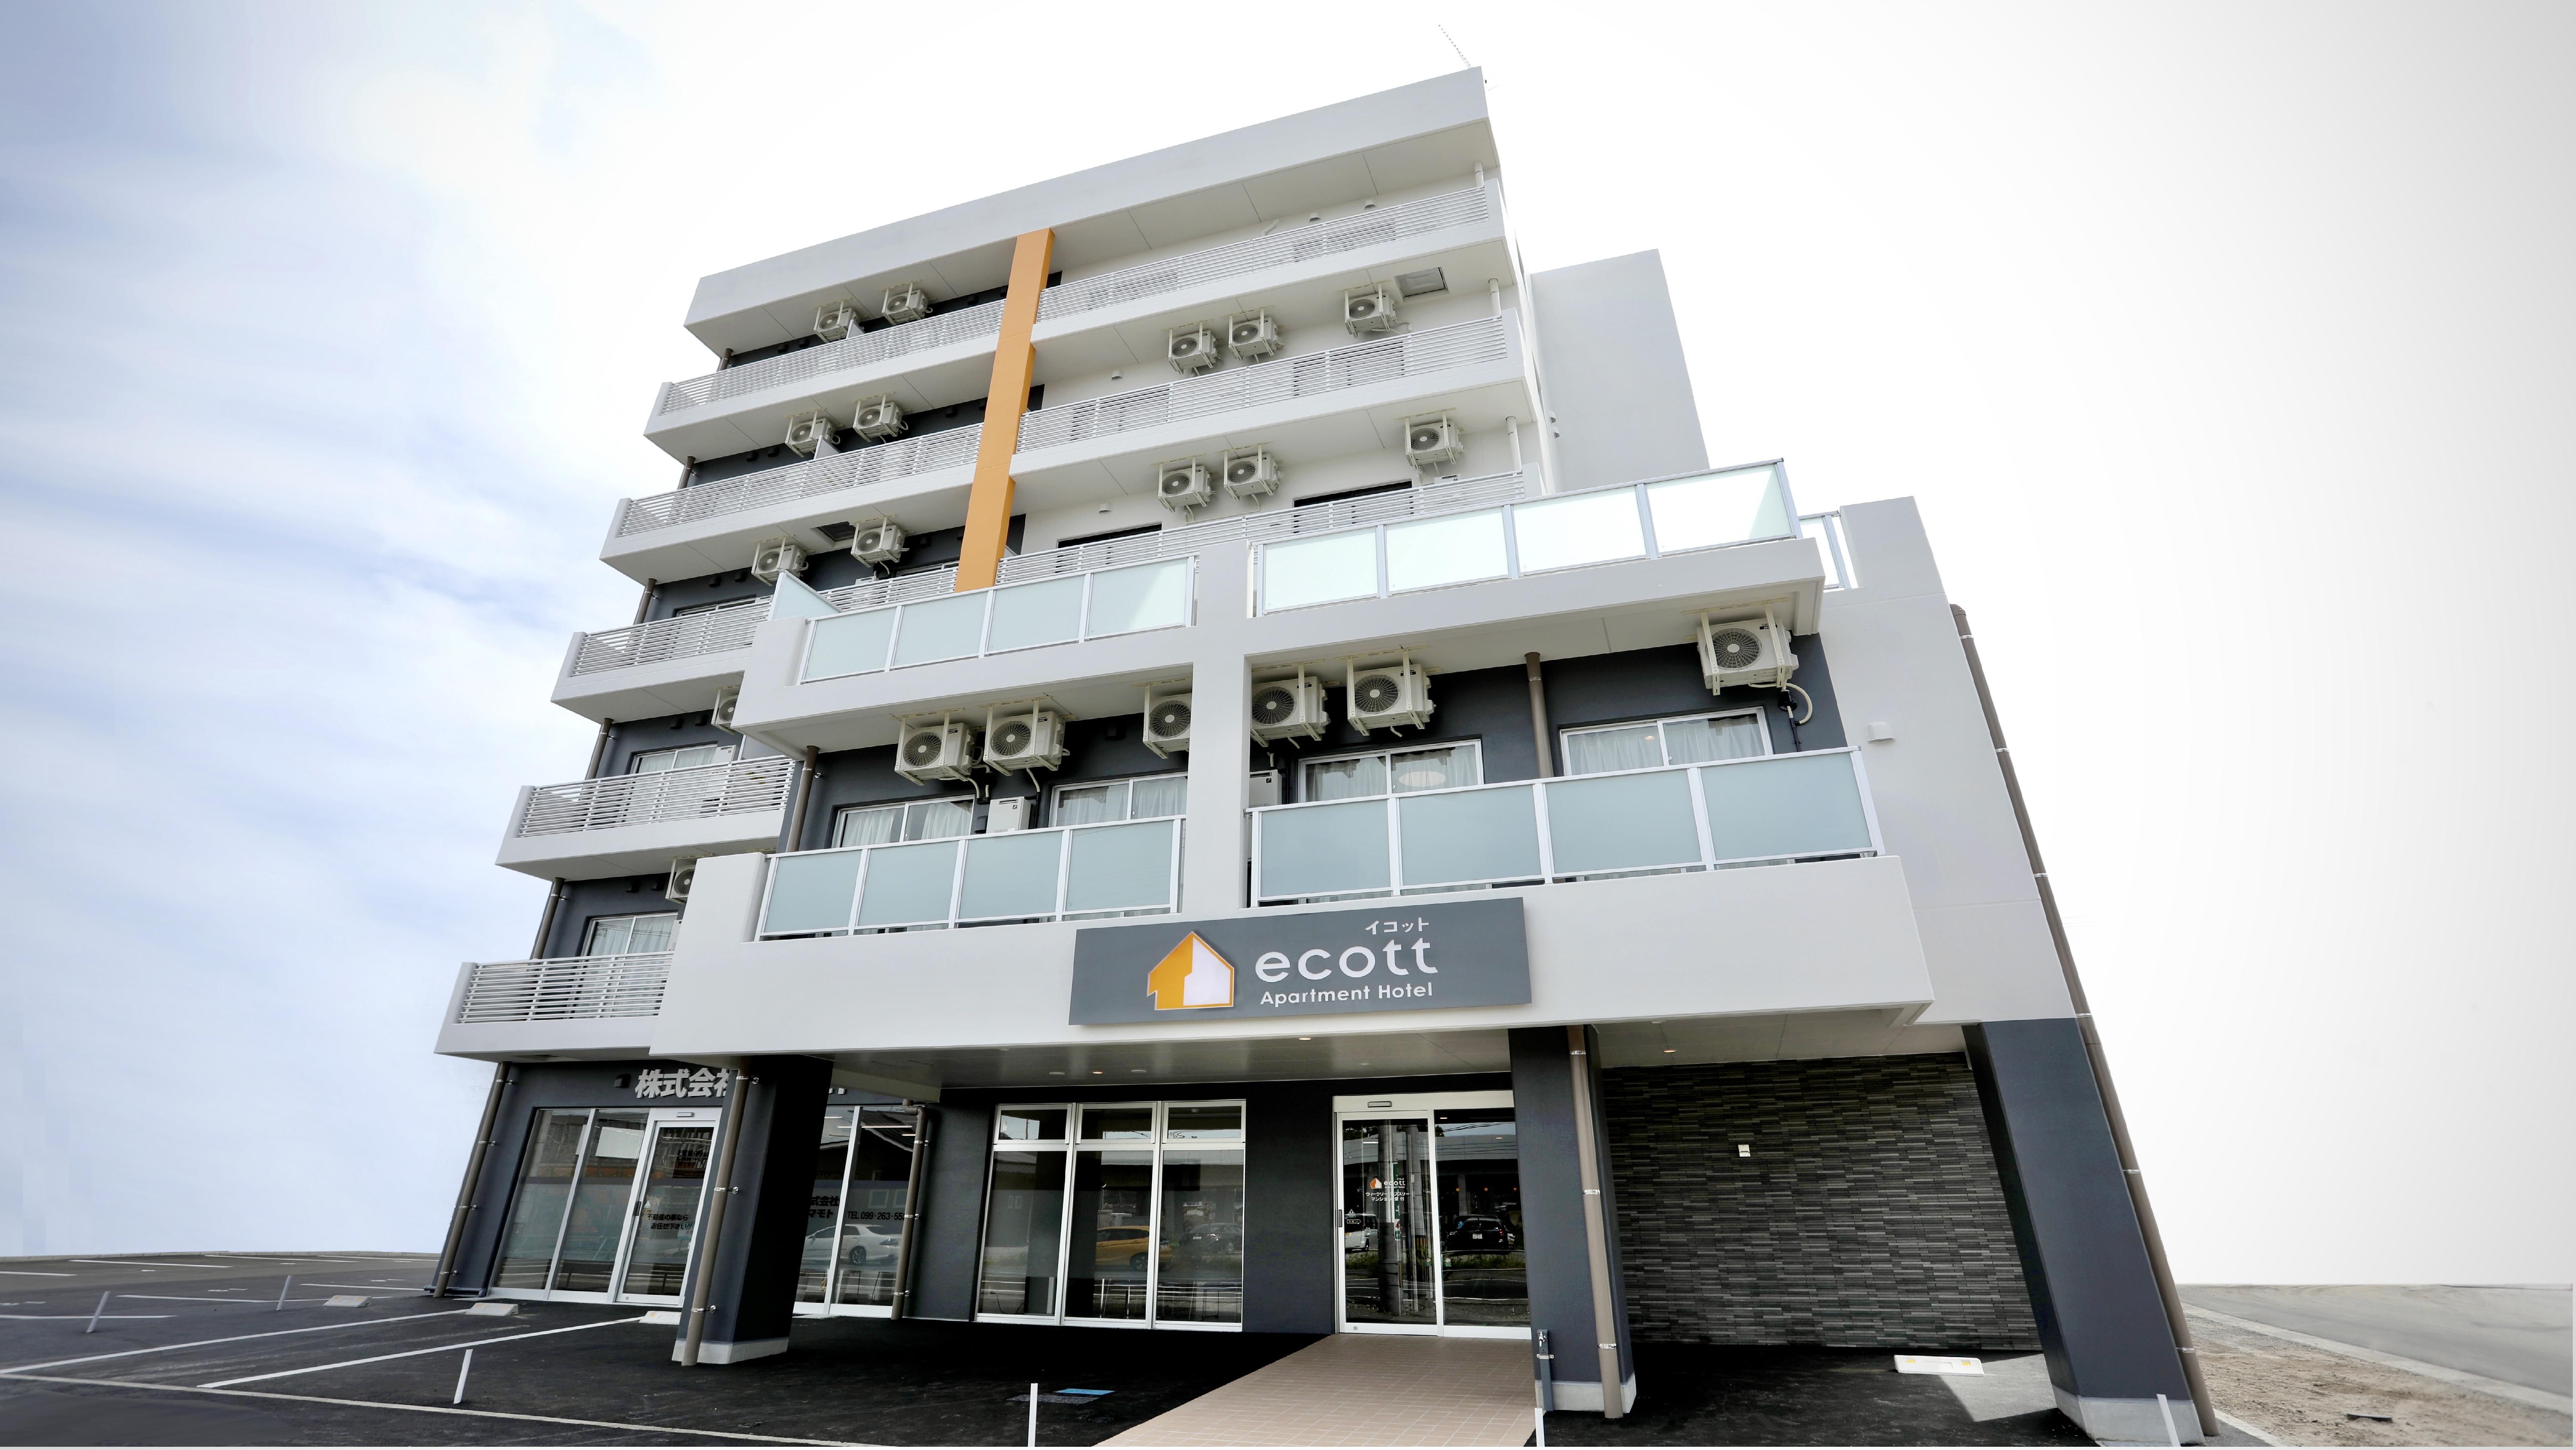 アパートメントホテル ecott 谷山